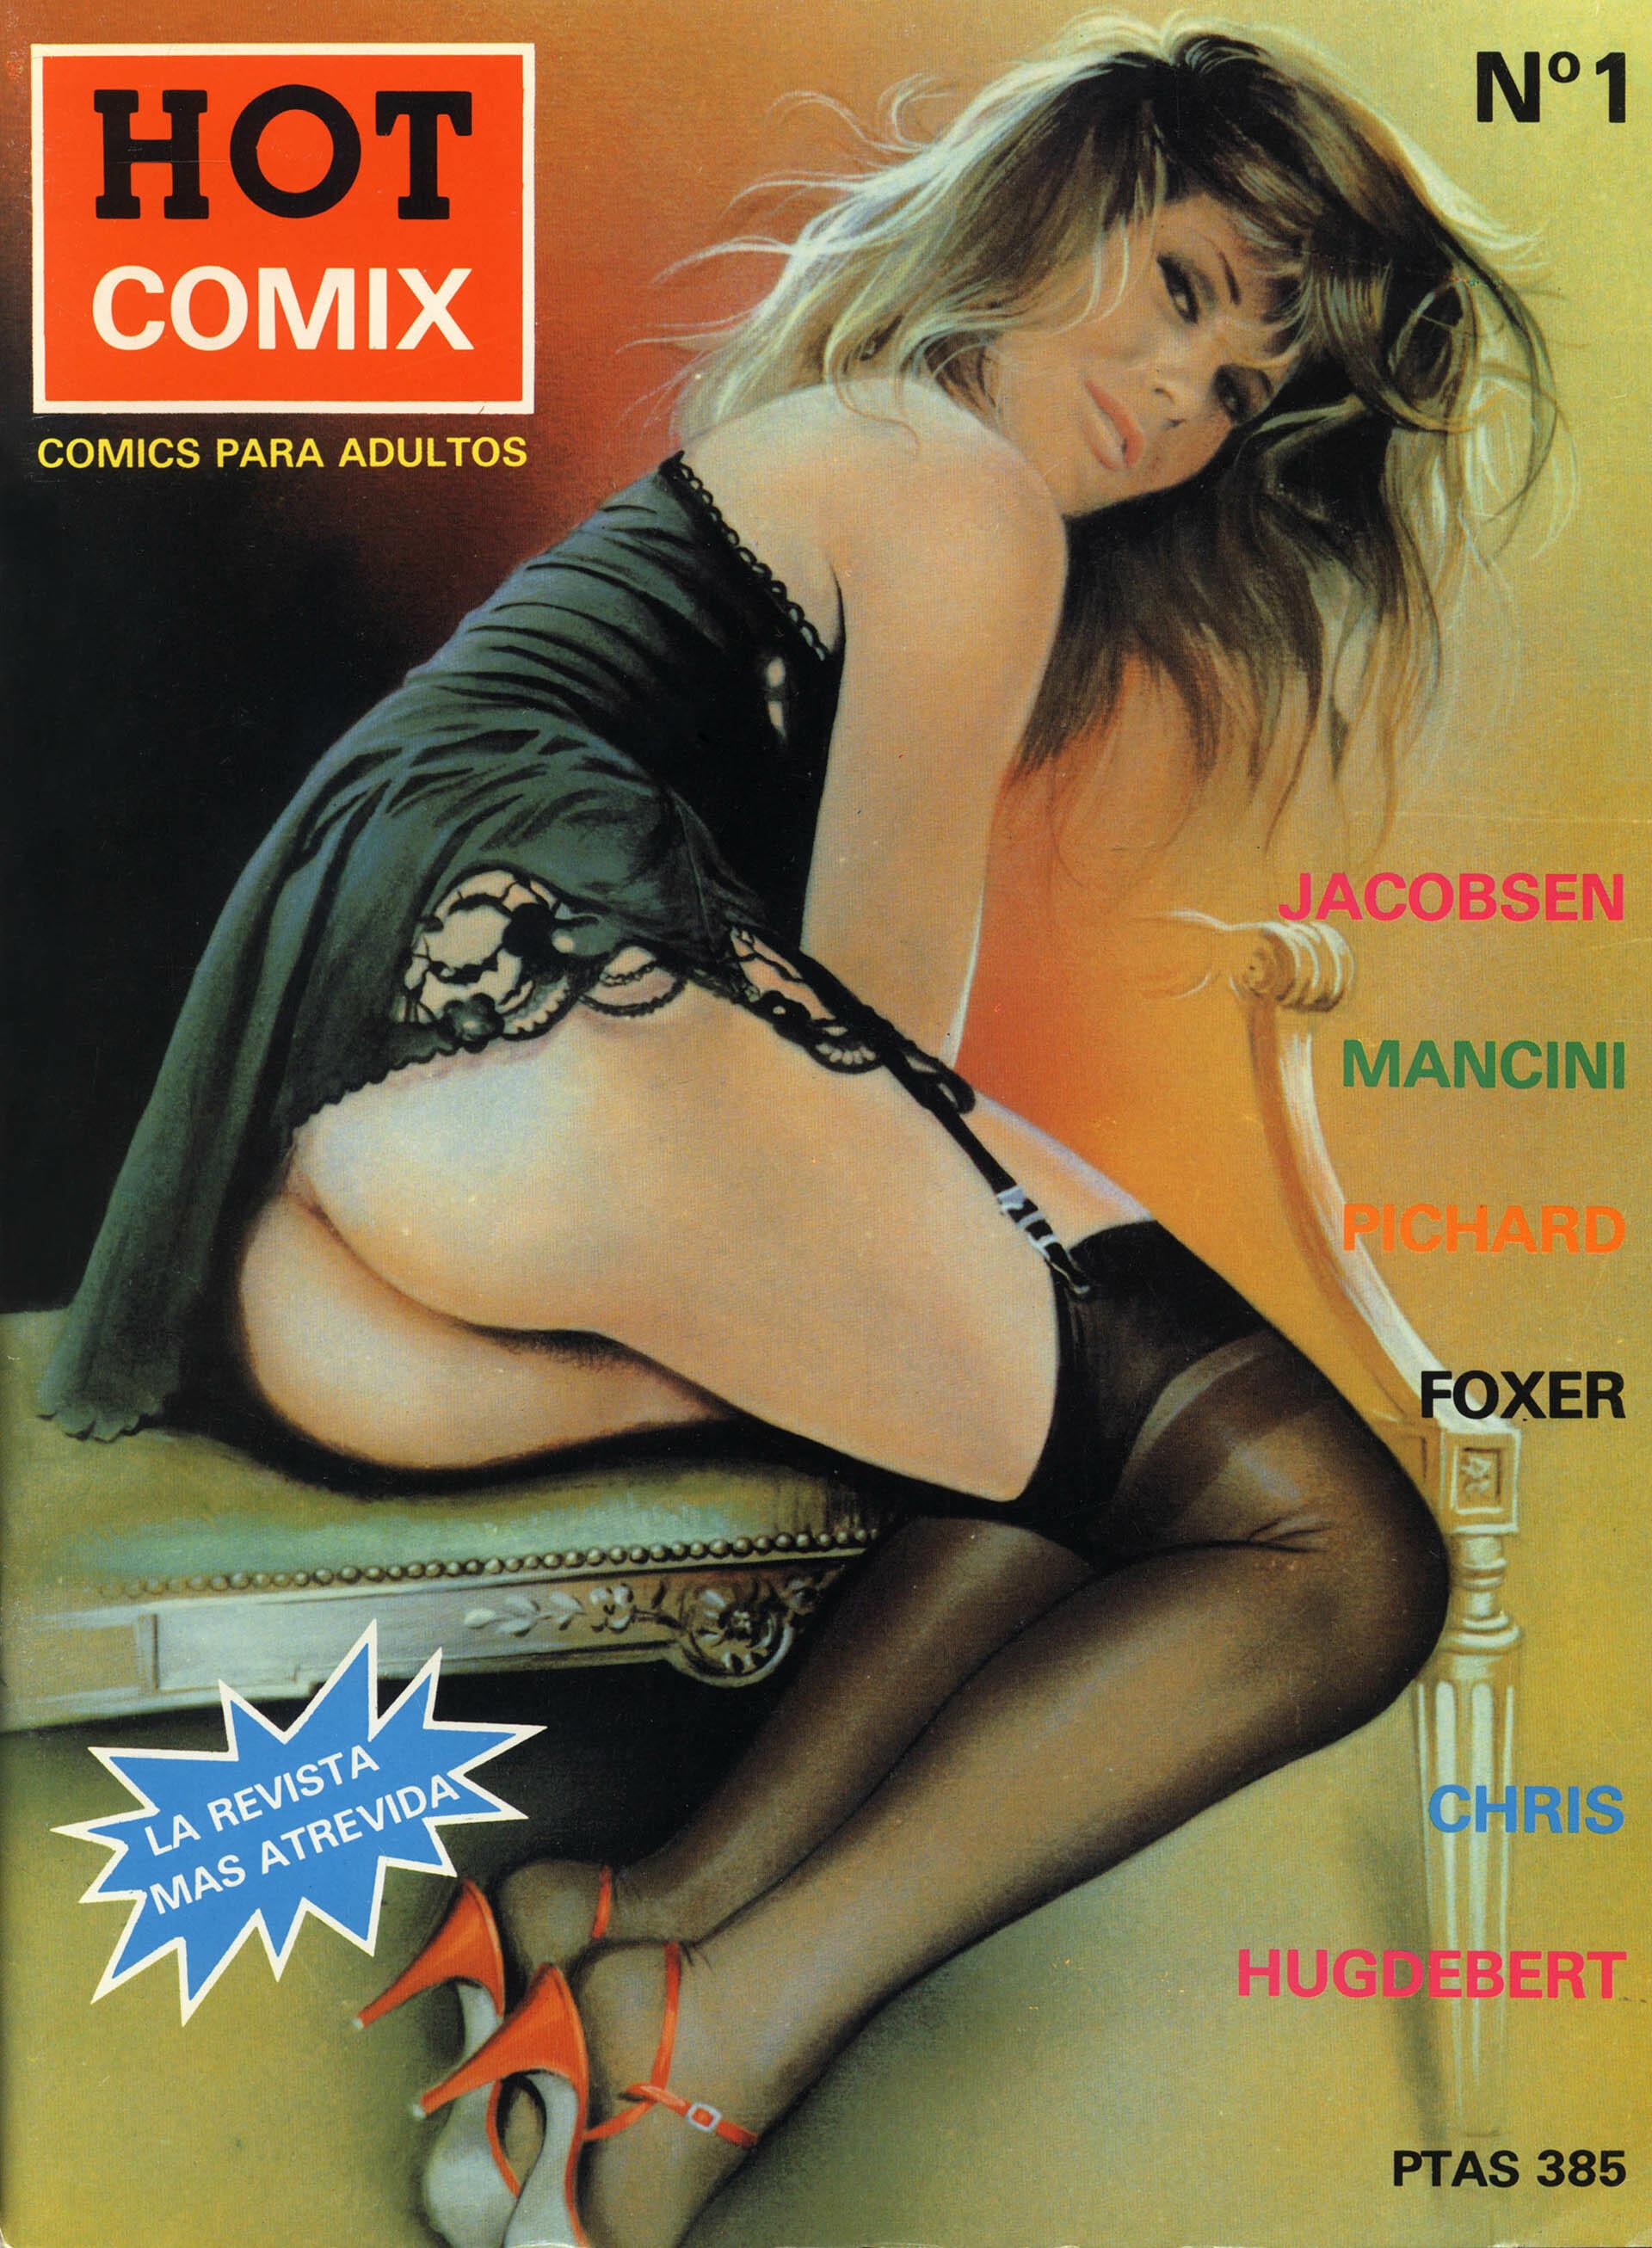 Hot Comix